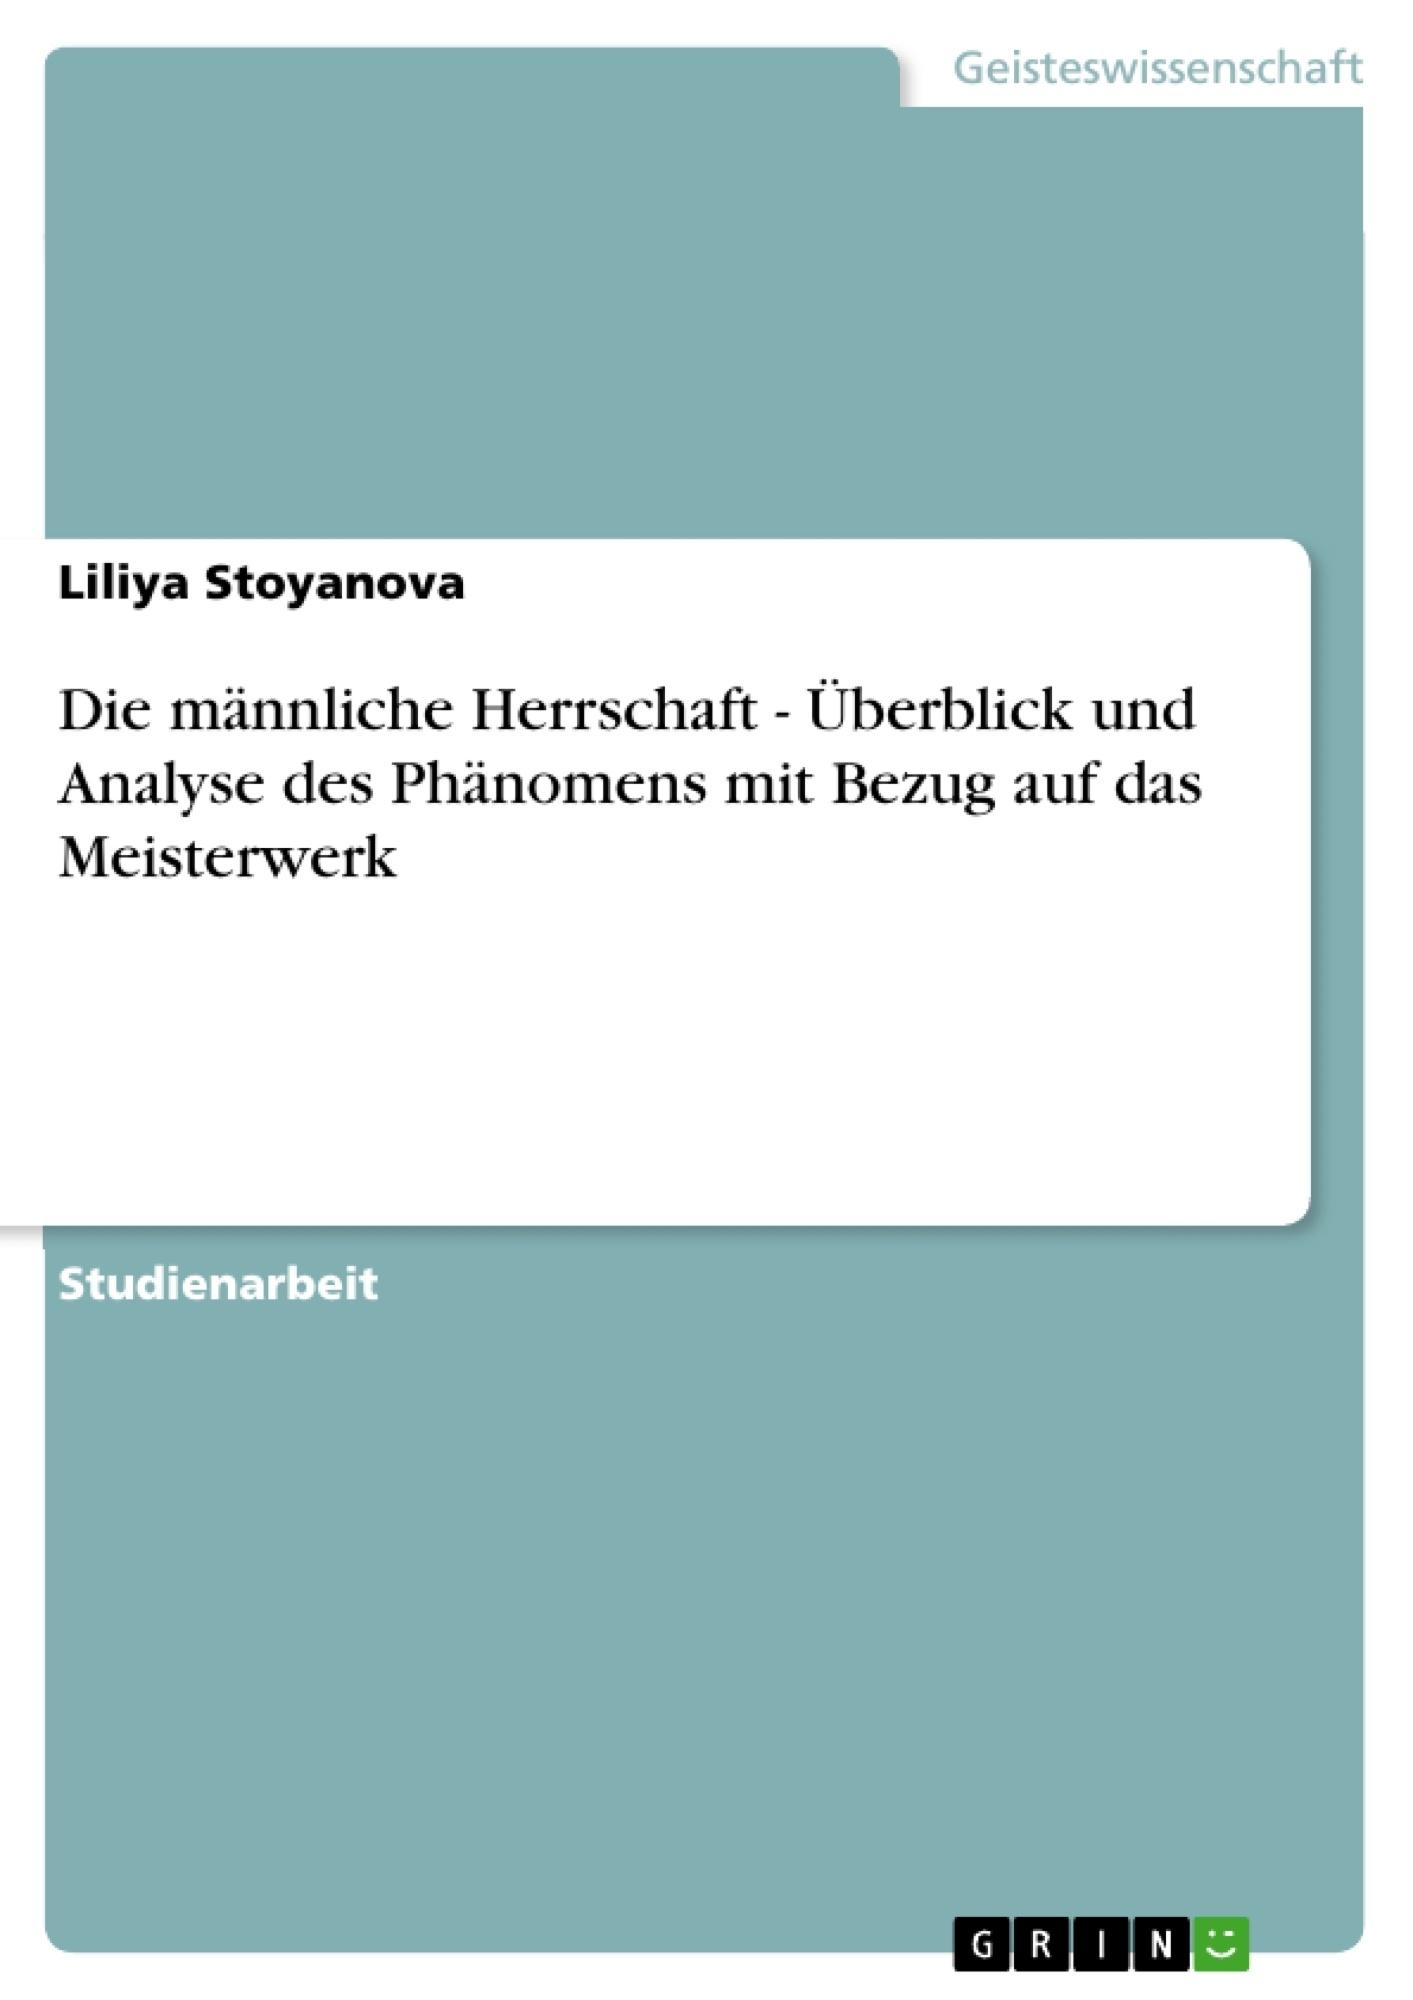 Titel: Die männliche Herrschaft - Überblick und Analyse des Phänomens mit Bezug auf das Meisterwerk